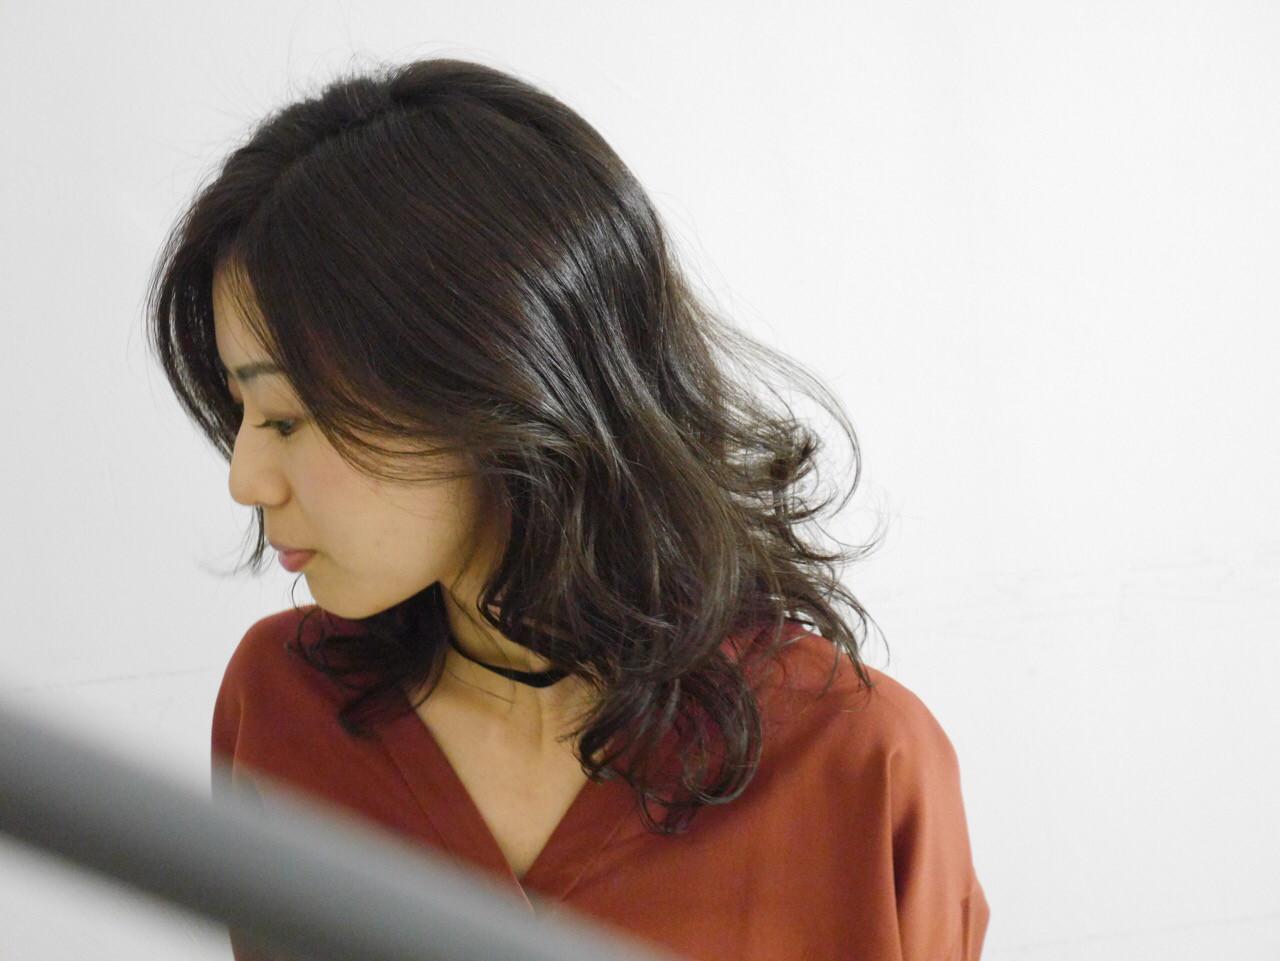 大人女子 ミディアム 内巻き ナチュラル ヘアスタイルや髪型の写真・画像 | YASU / hair salon M.plus ヨツバコ店 (ヘアーサロン エムプラス)